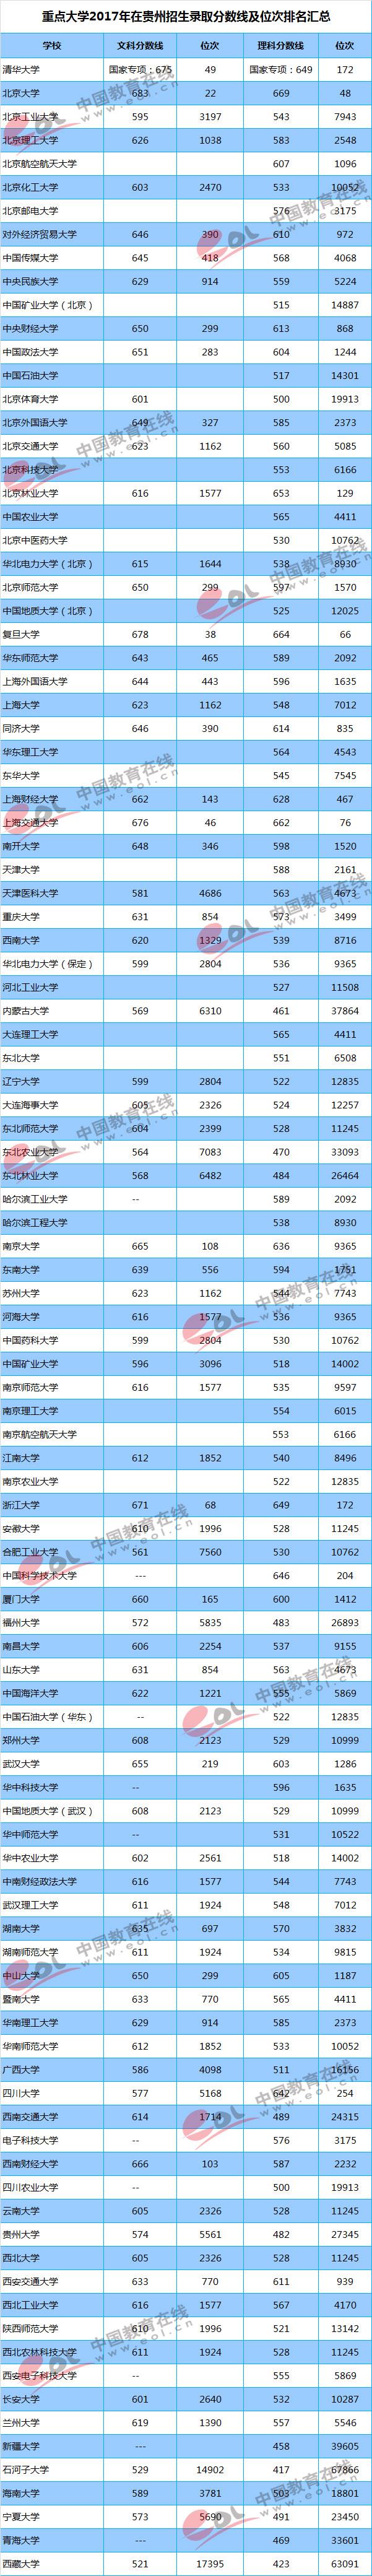 2017重点大学在广西招生录取分数线汇总